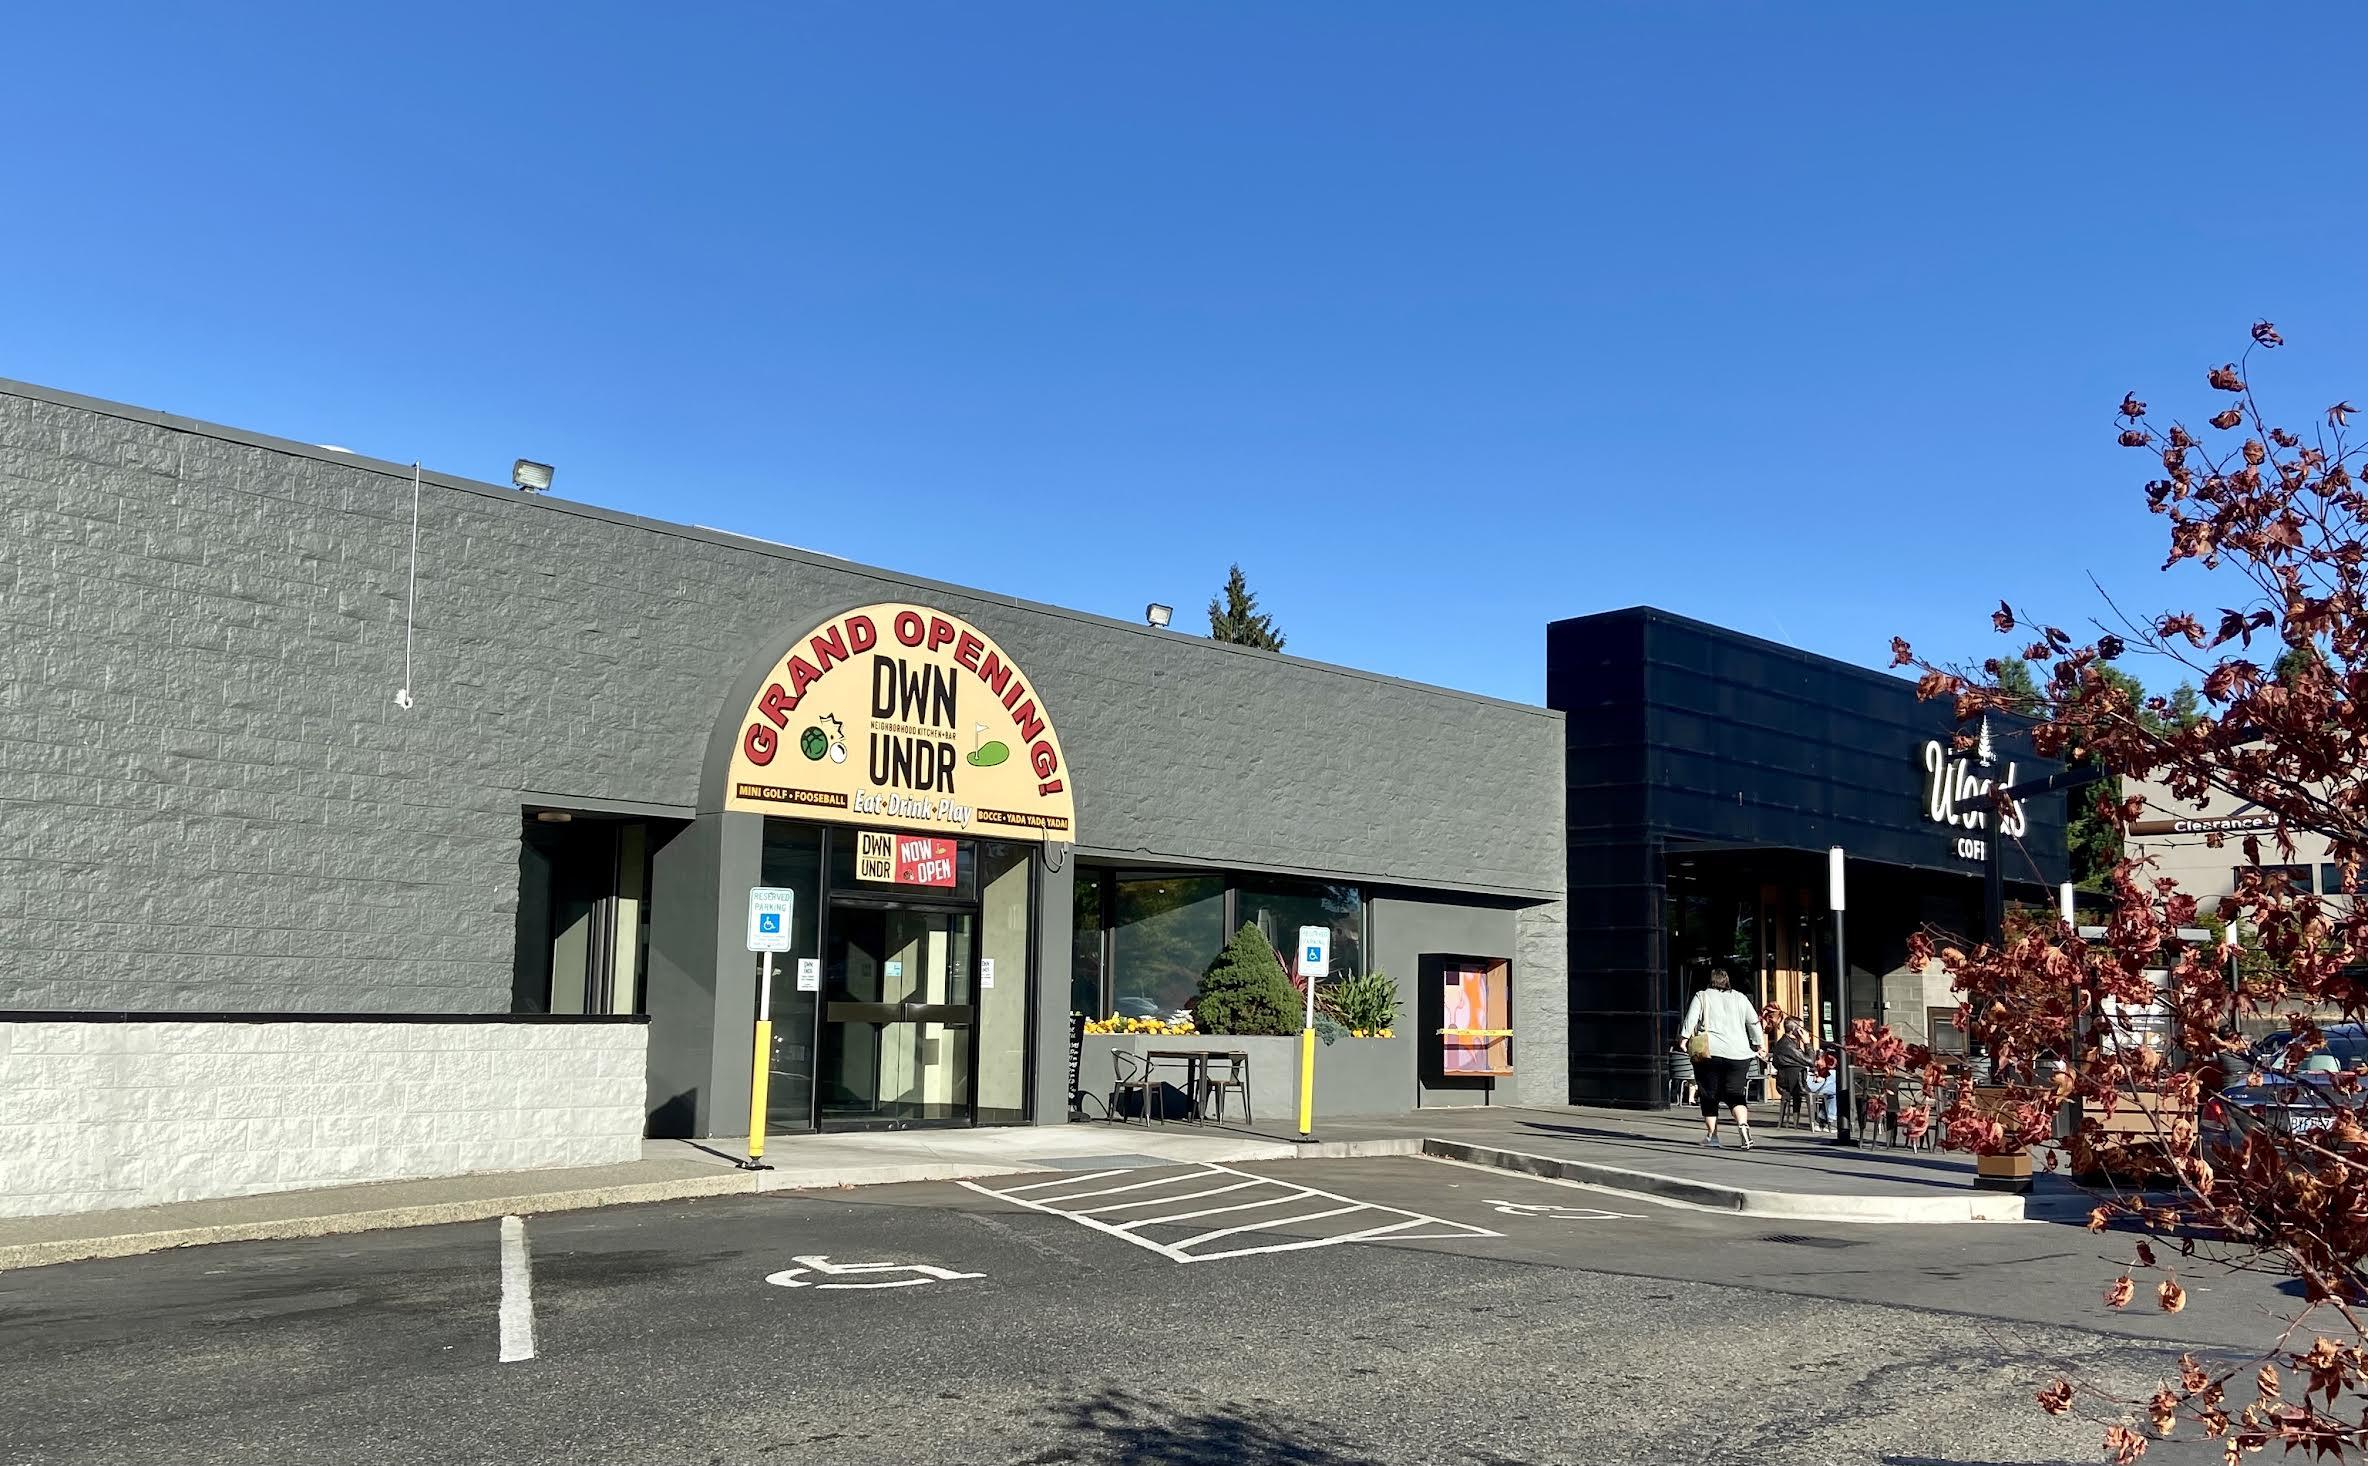 DWN UNDR RESTAURANT ON 116TH in Bellevue